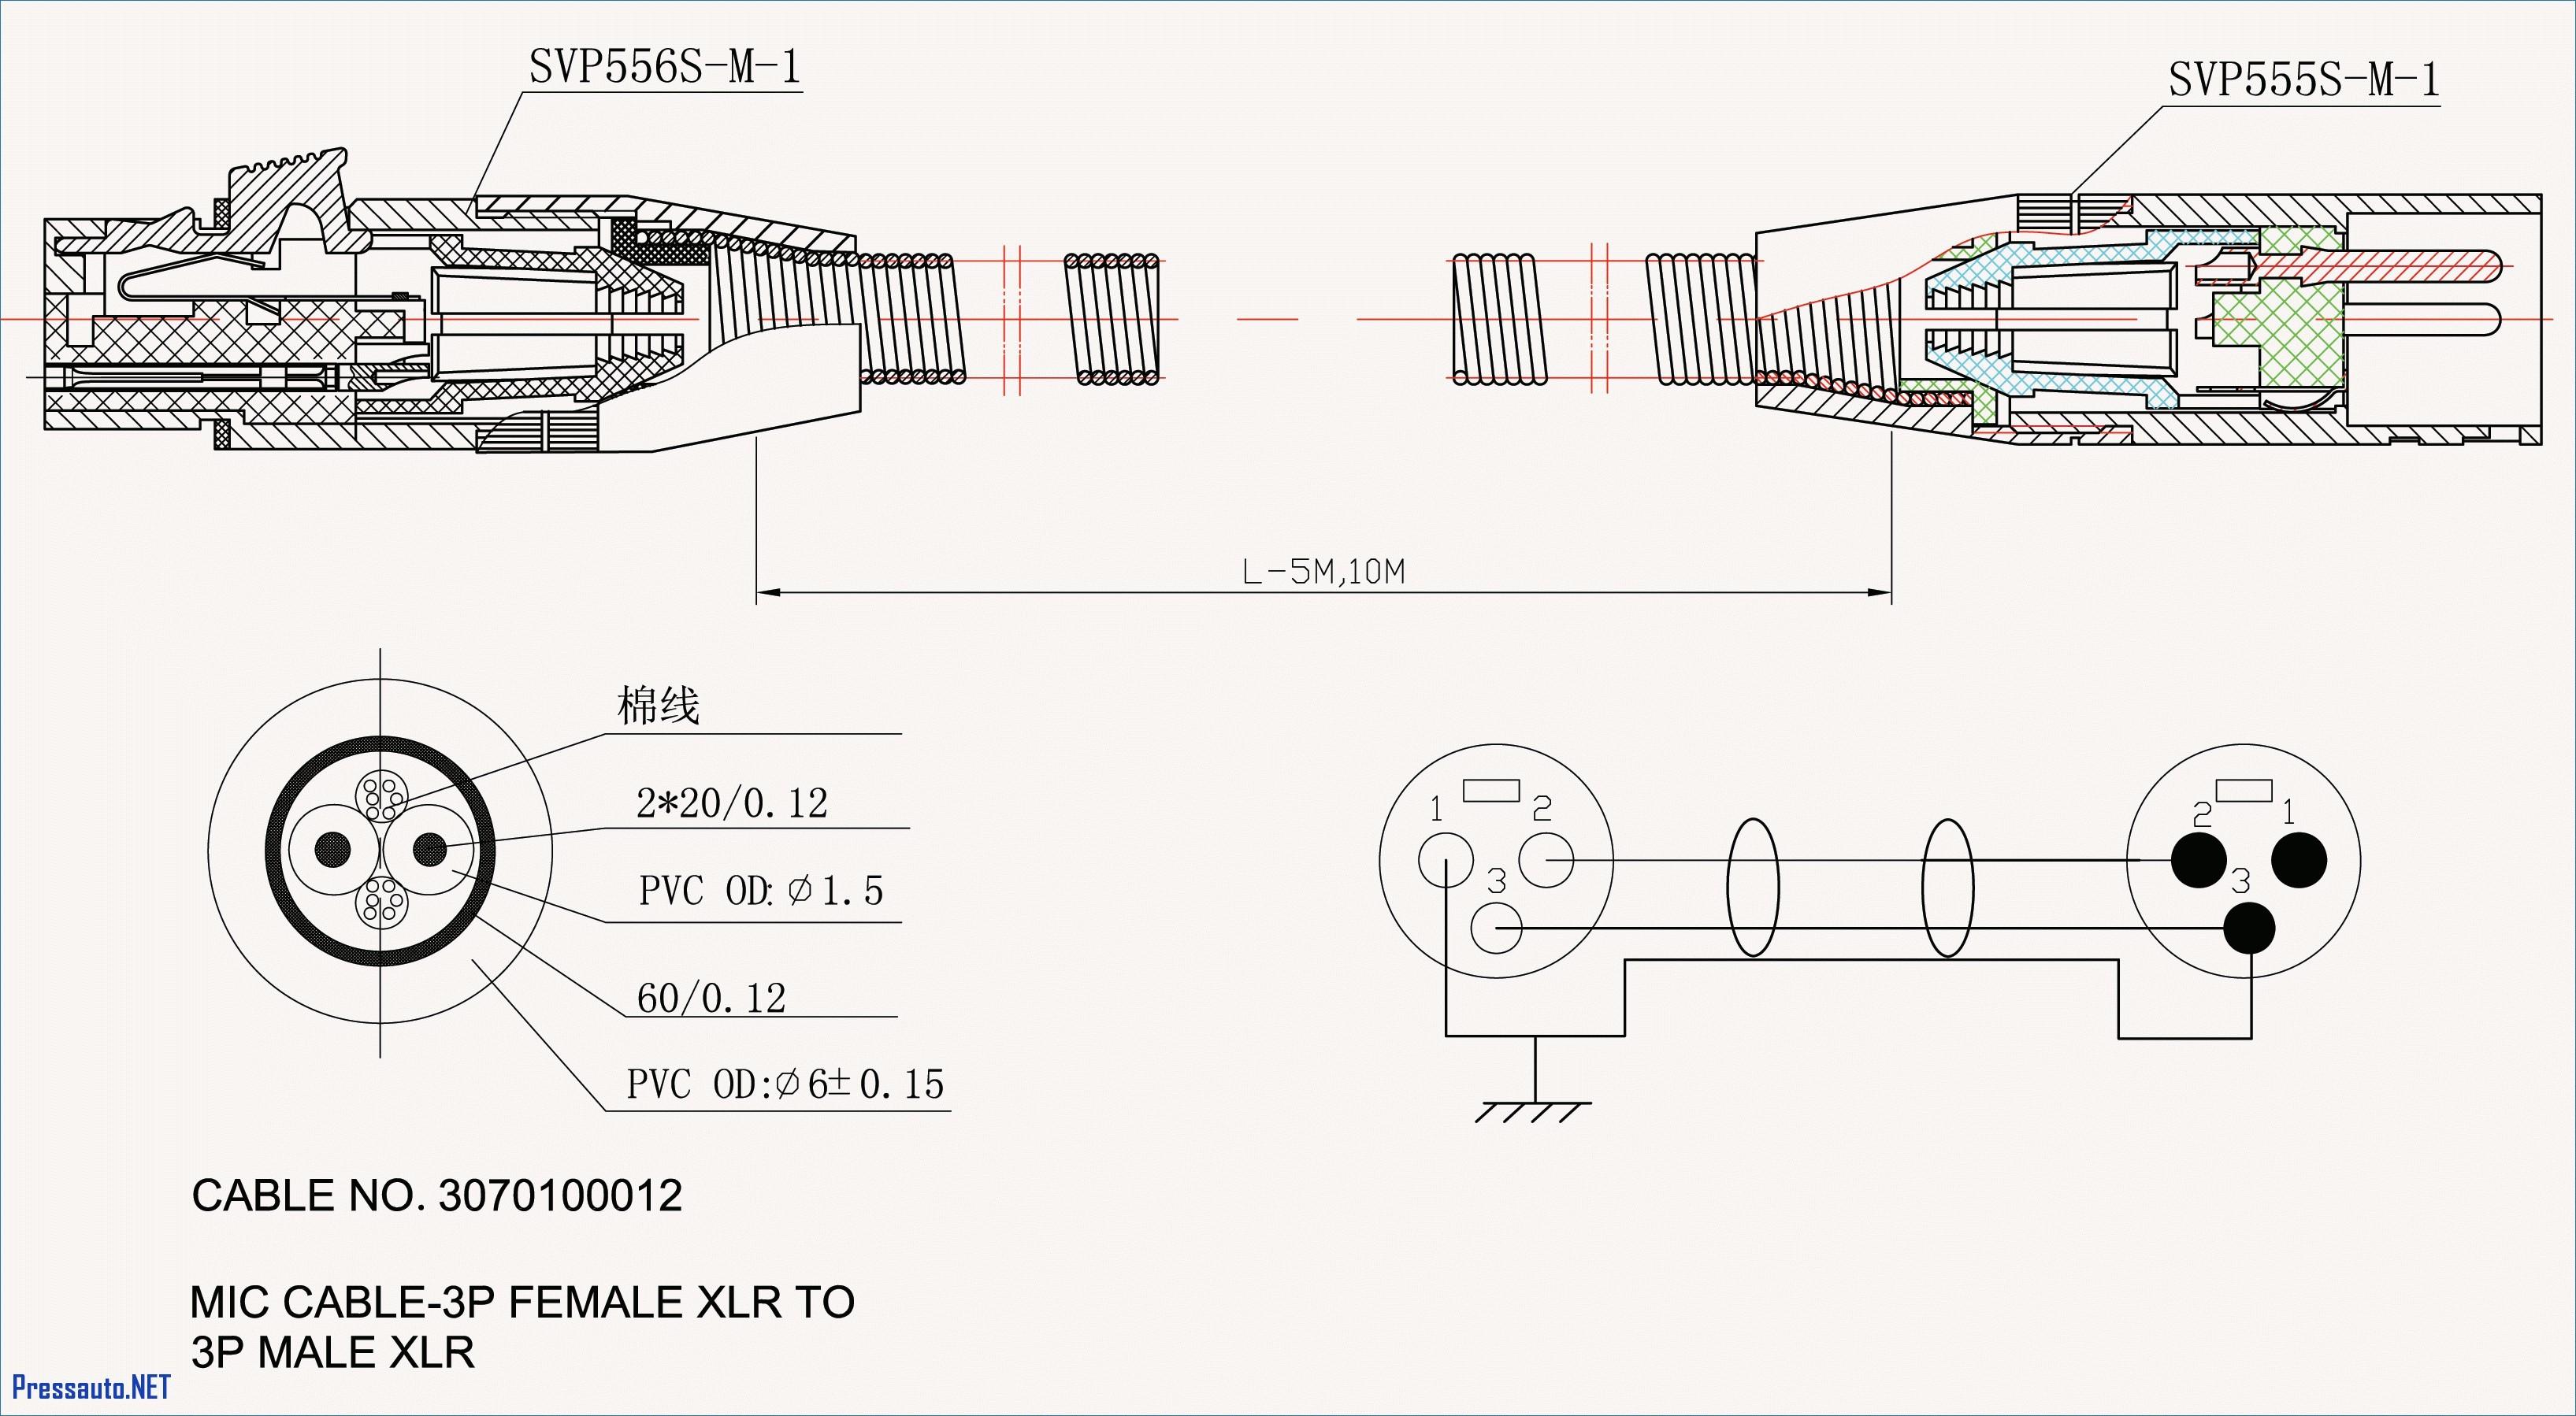 Fine Dryer Plug Wiring Diagram Sketch - Wiring Schematics and ...